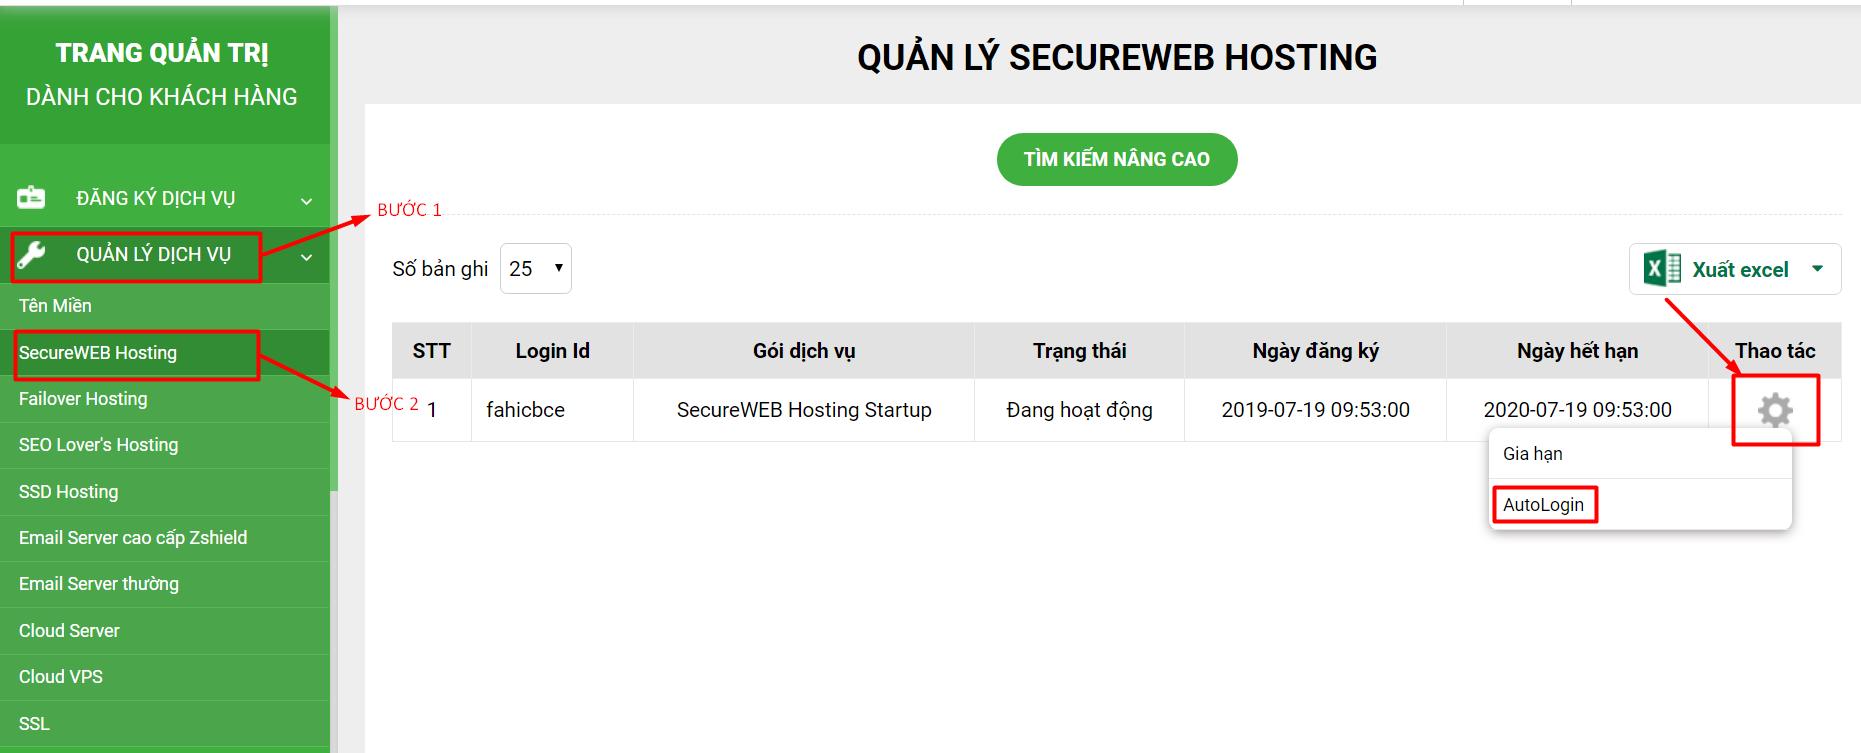 Hướng dẫn dăng nhập quản lý HostingEmail server tenten